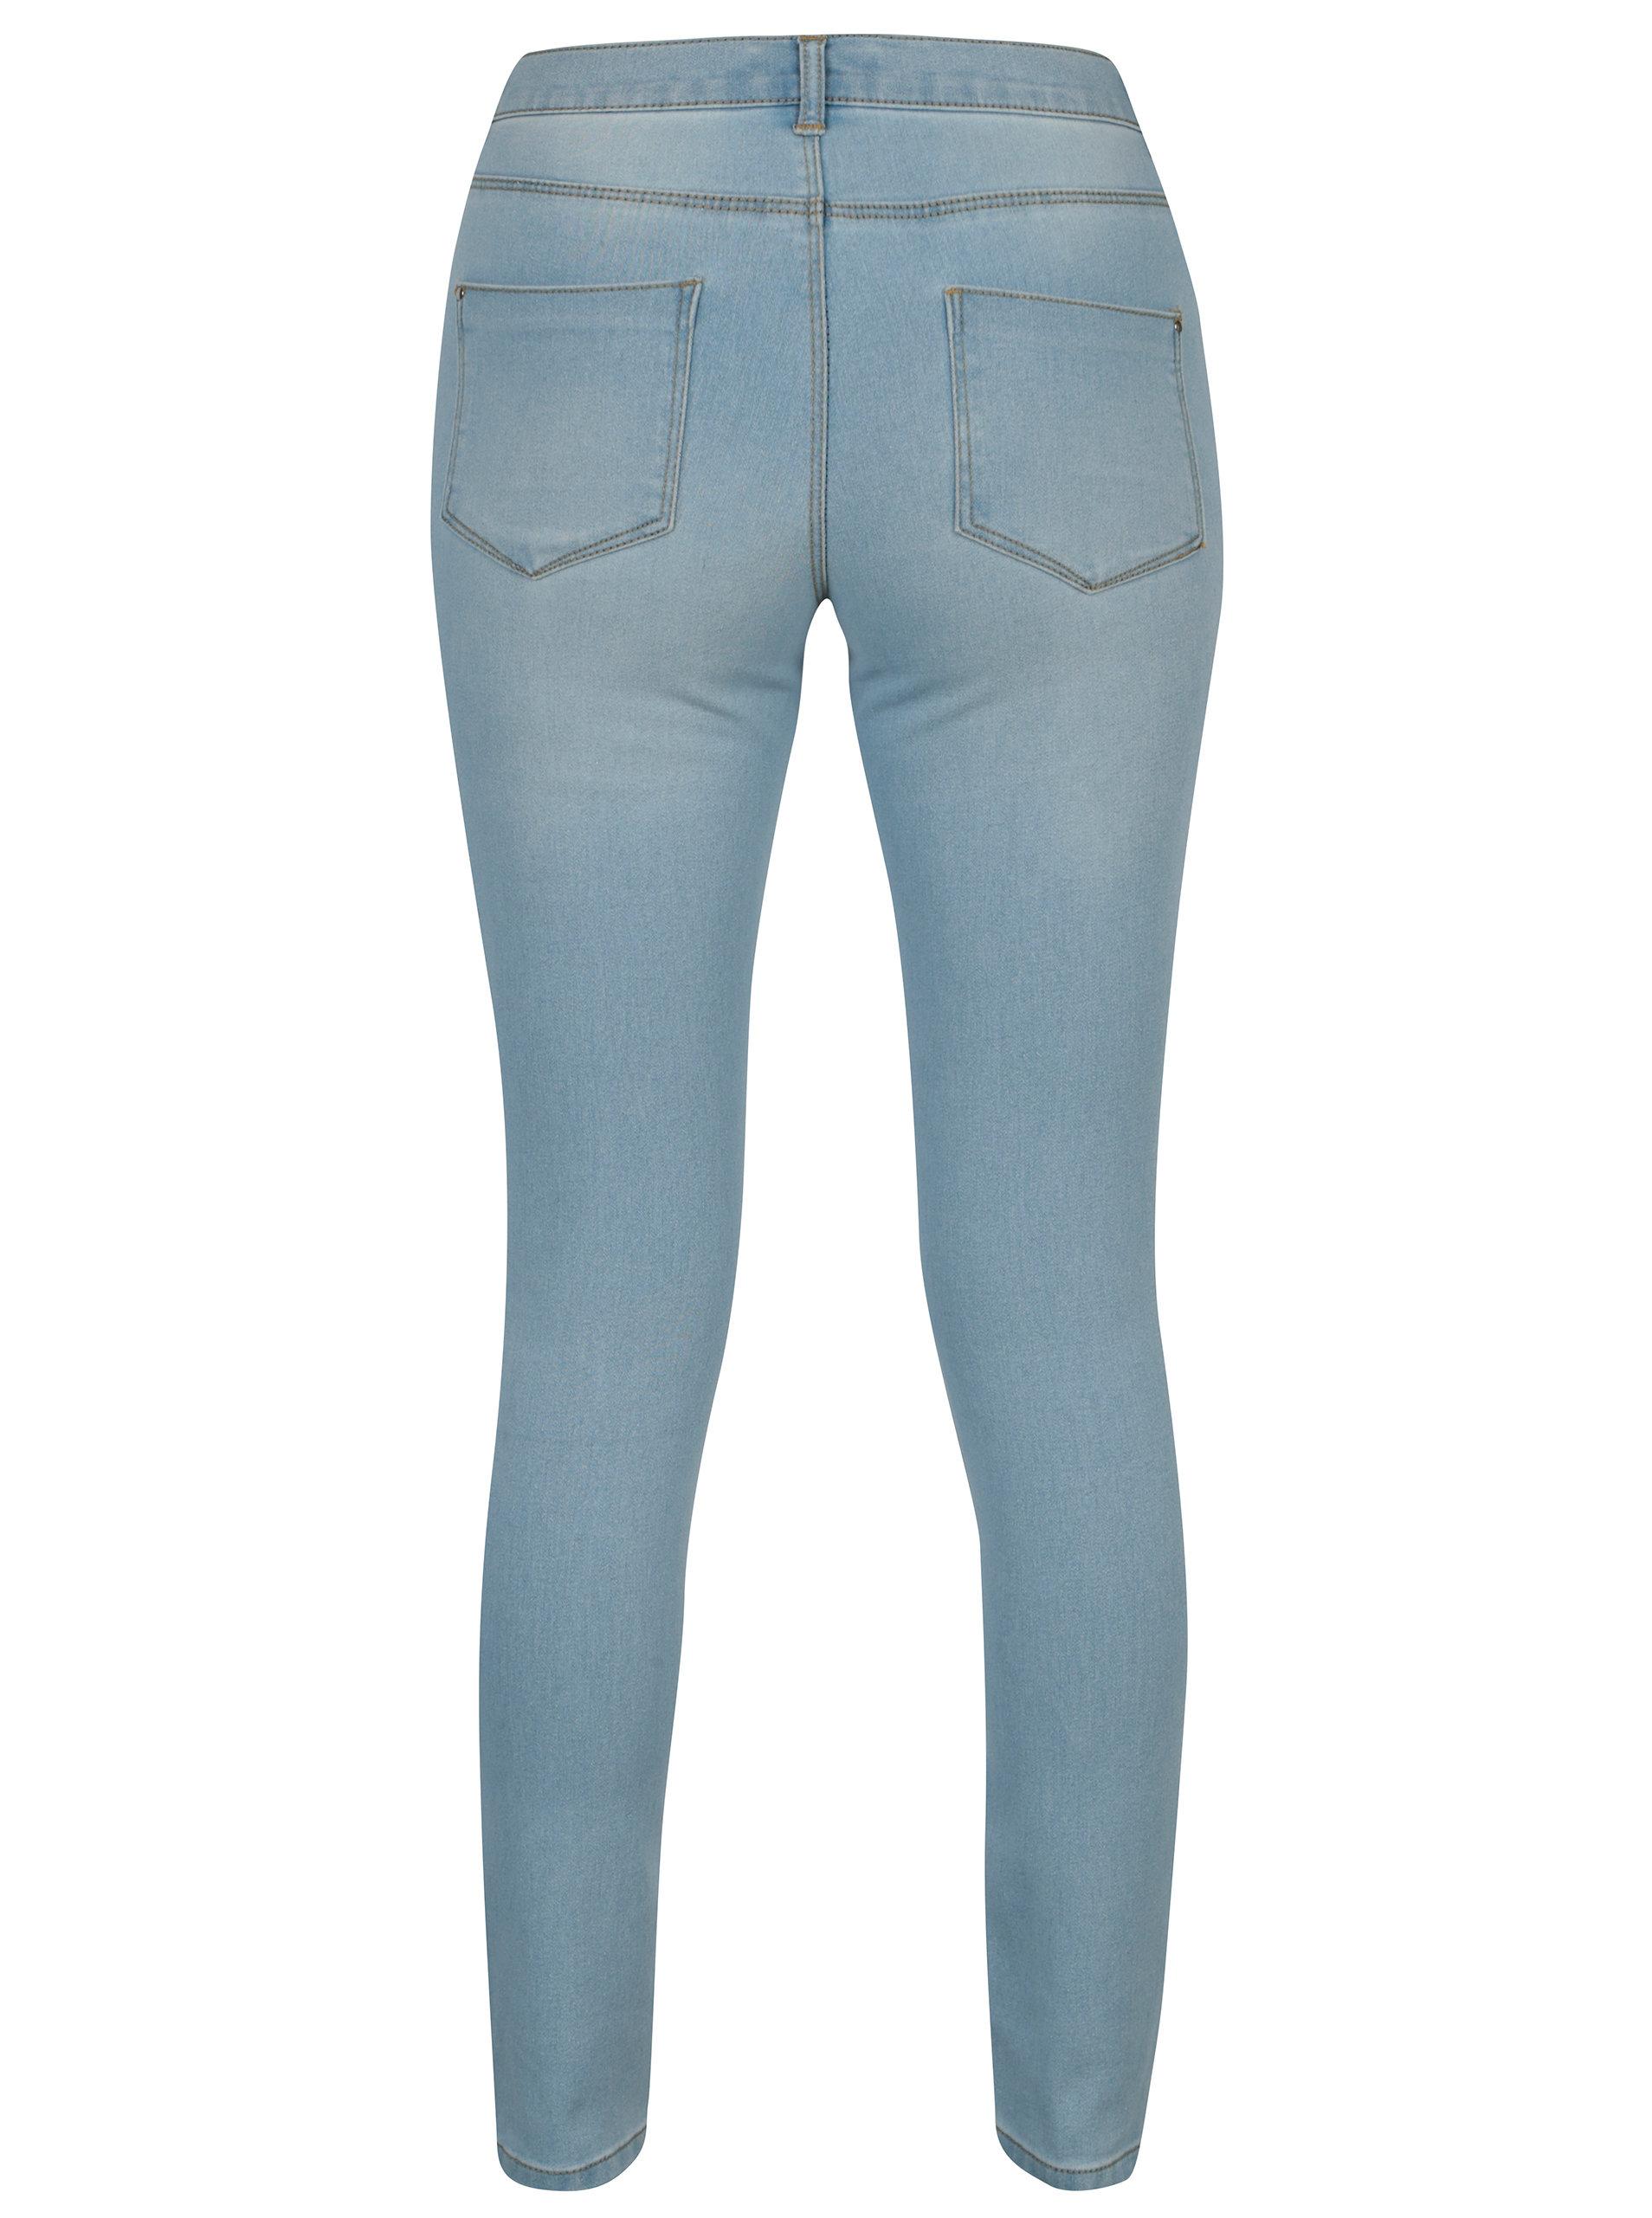 Světle modré super skinny džíny Dorothy Perkins Frankie ... 501de9fed2